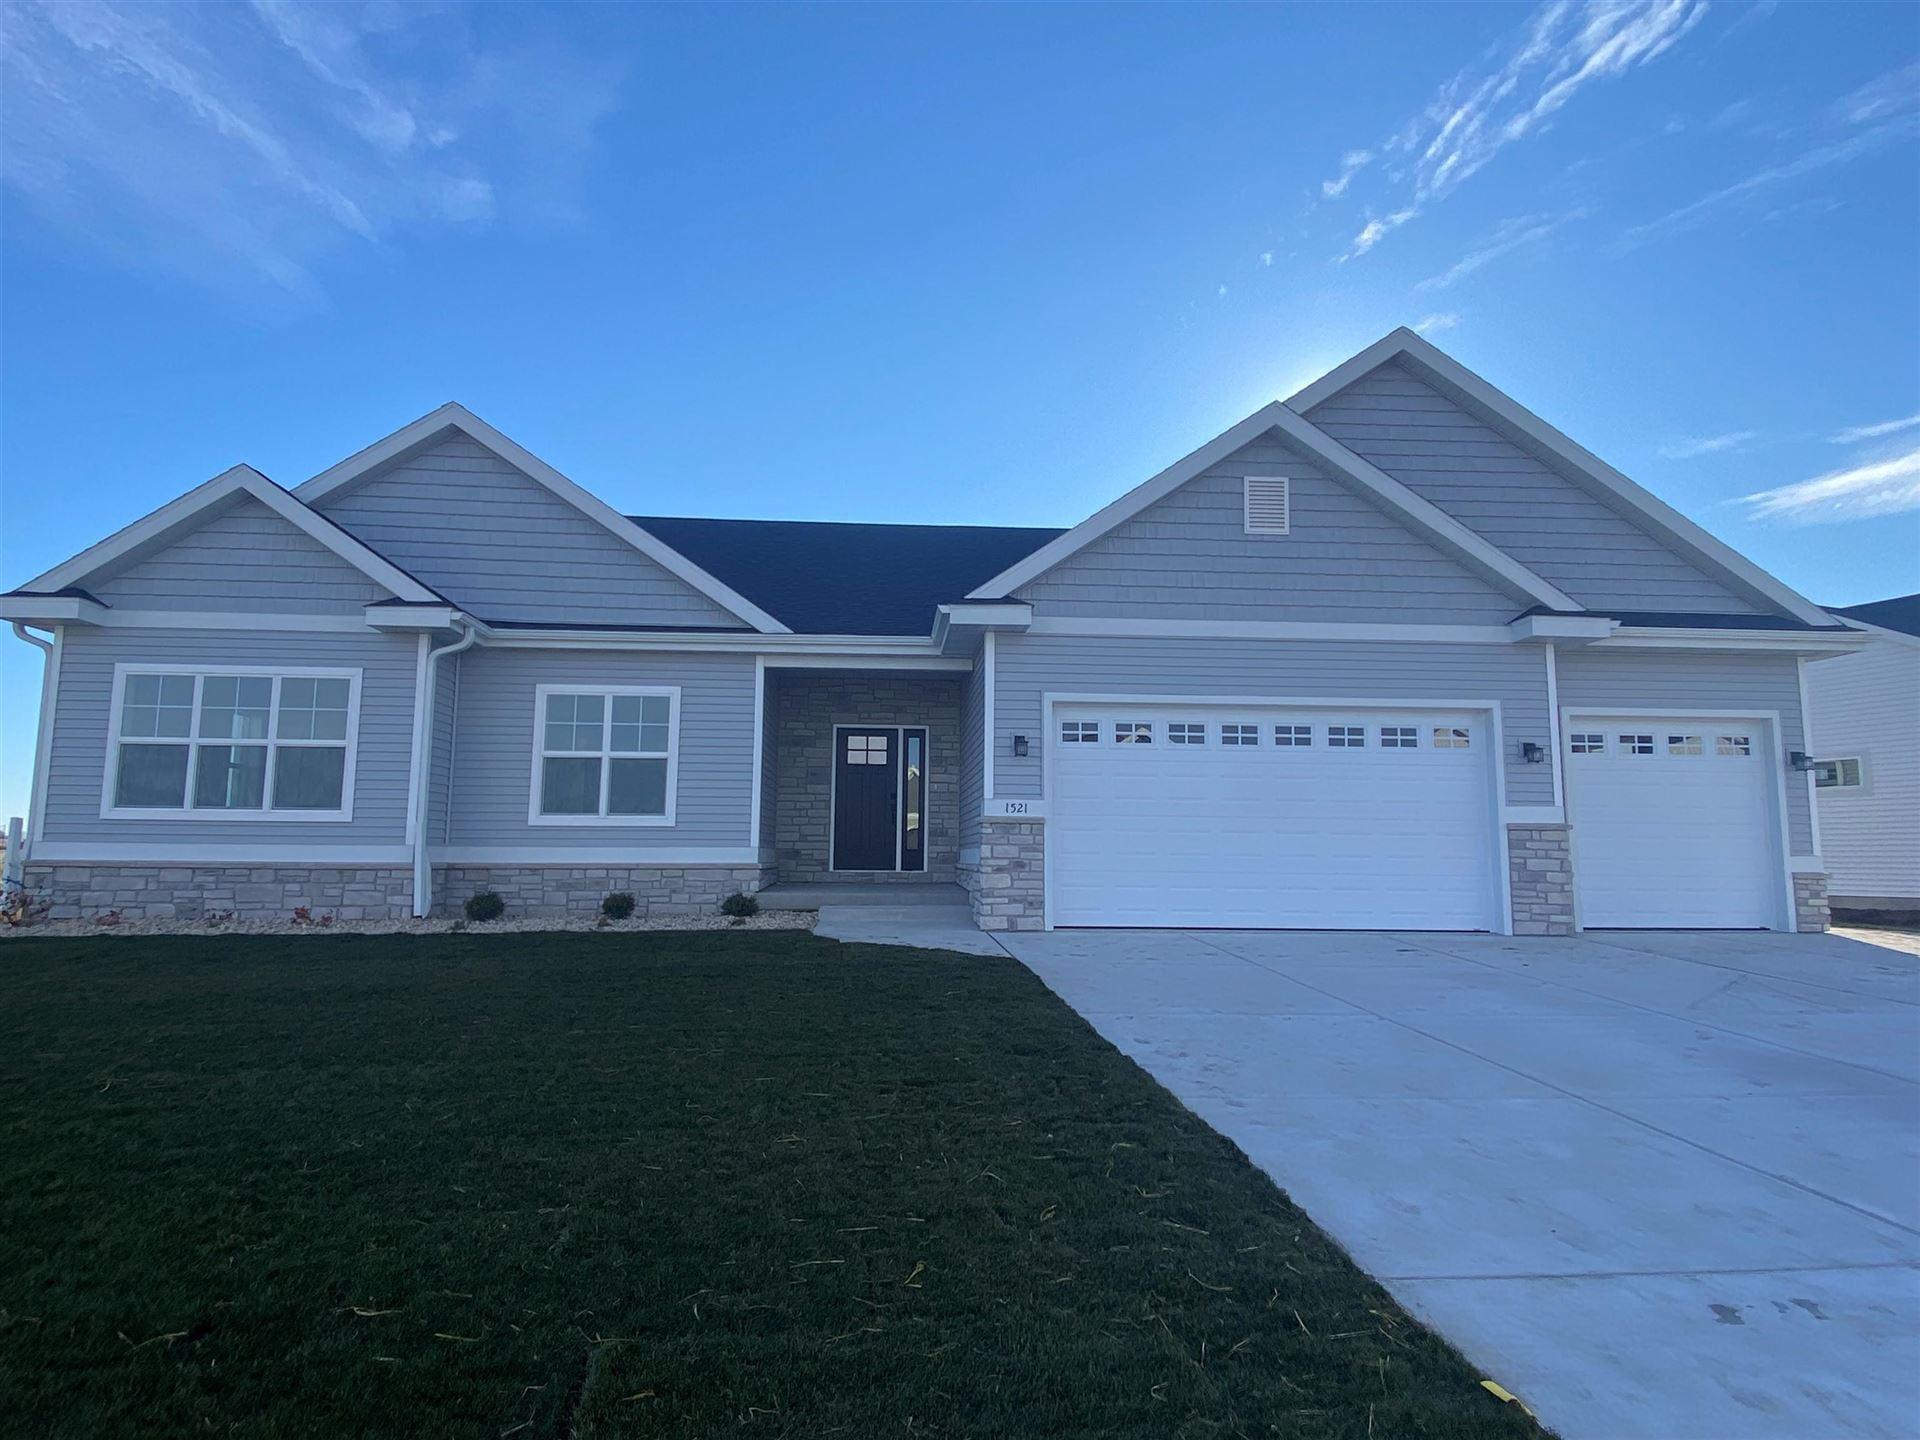 1521 N Thompson Rd, Sun Prairie, WI 53590 - #: 1919682